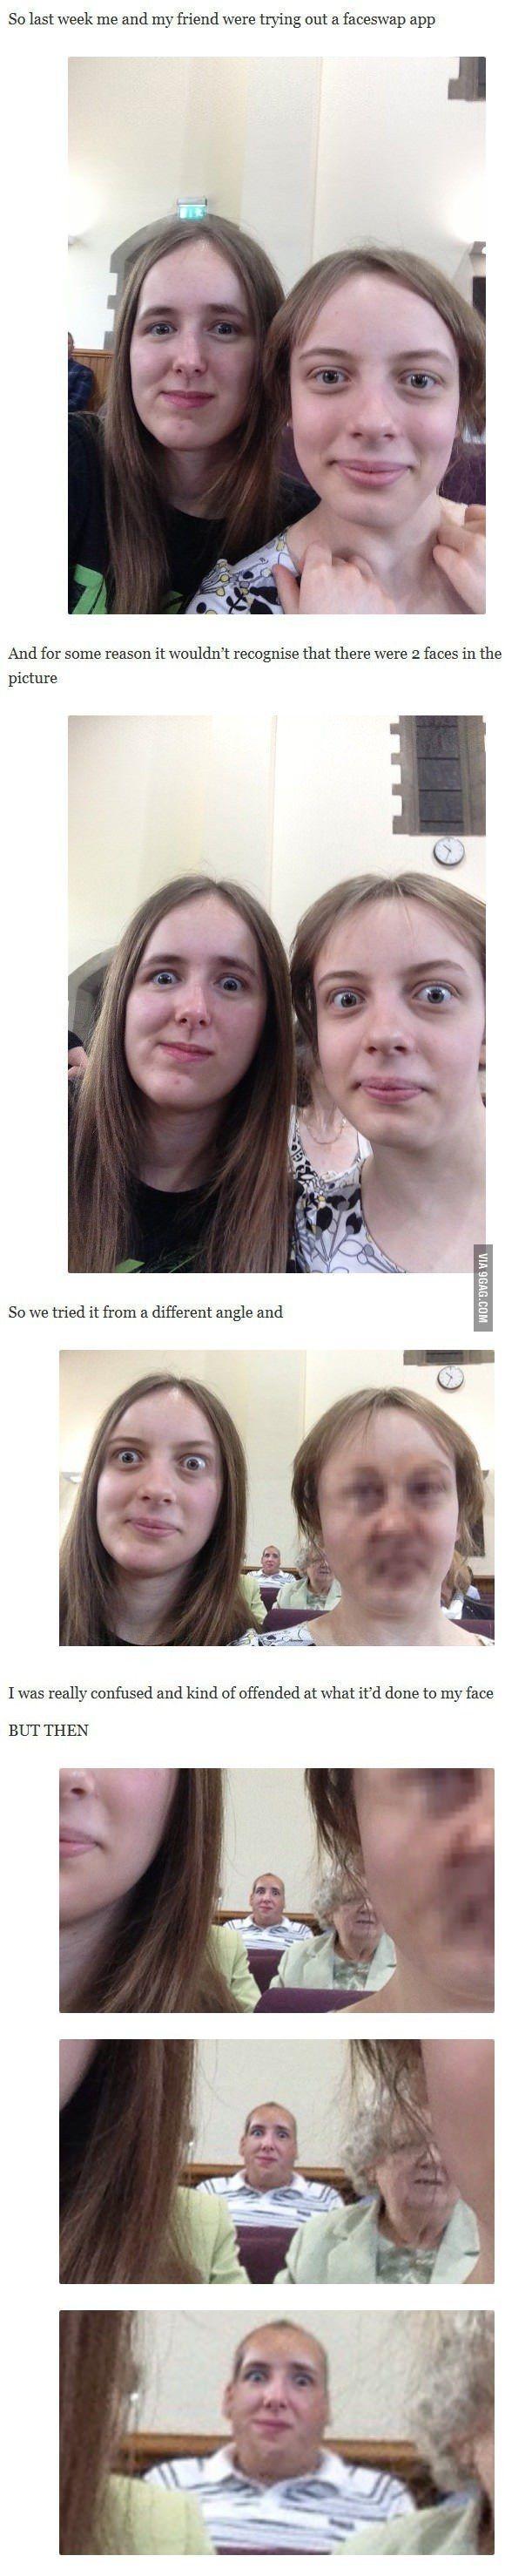 The failed face-swap: